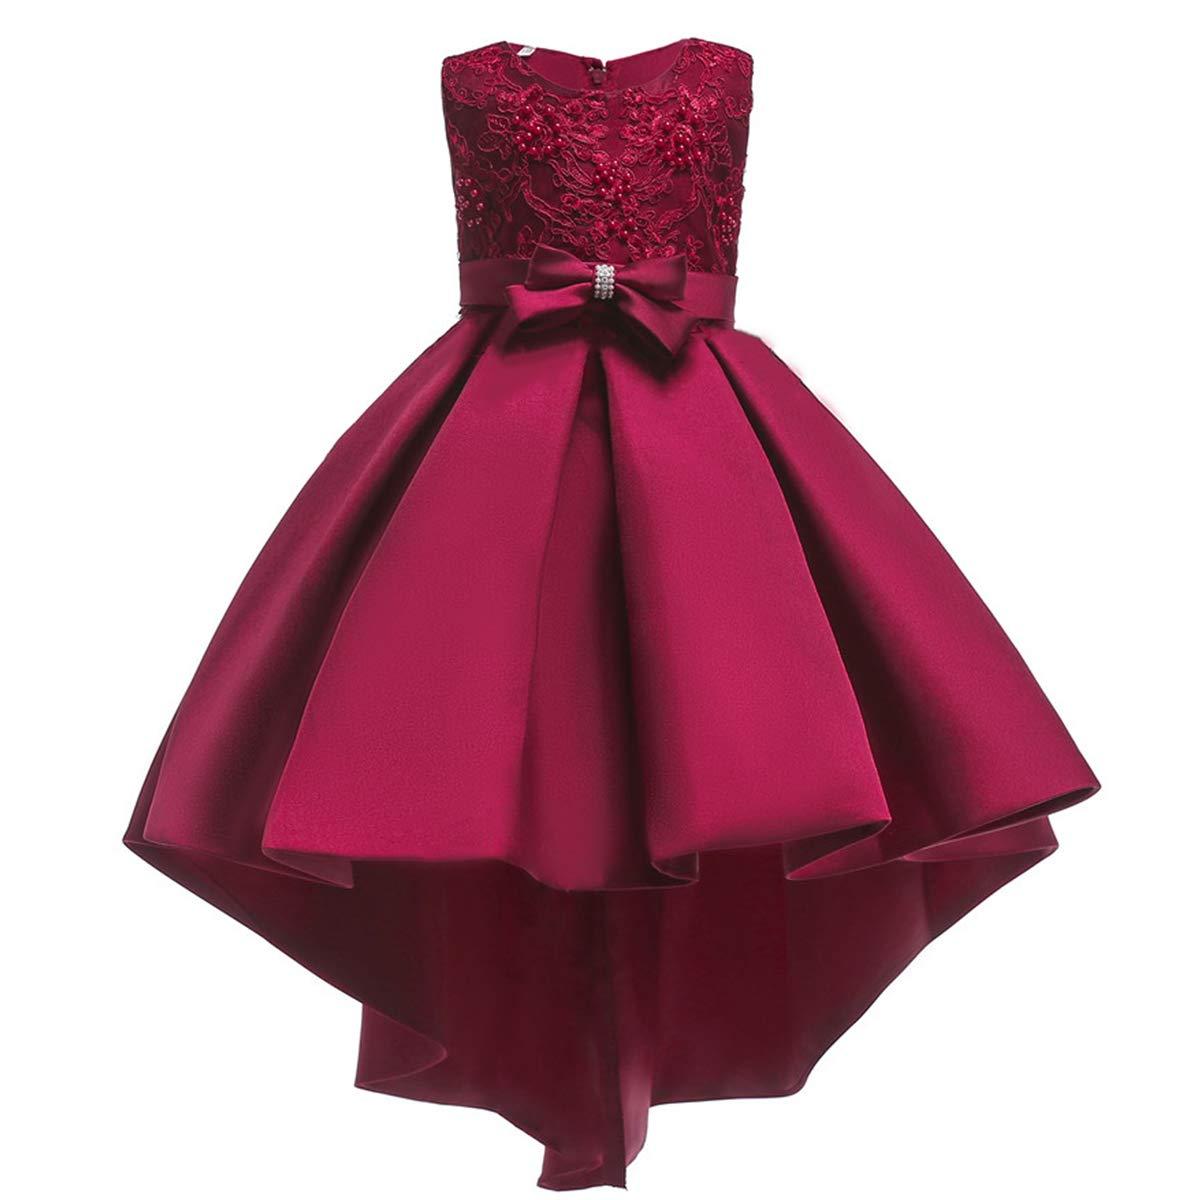 Vestiti Eleganti Bambina 12 Anni.Bambine E Ragazze Abbigliamento Obeeii Abito Da Principessa Con